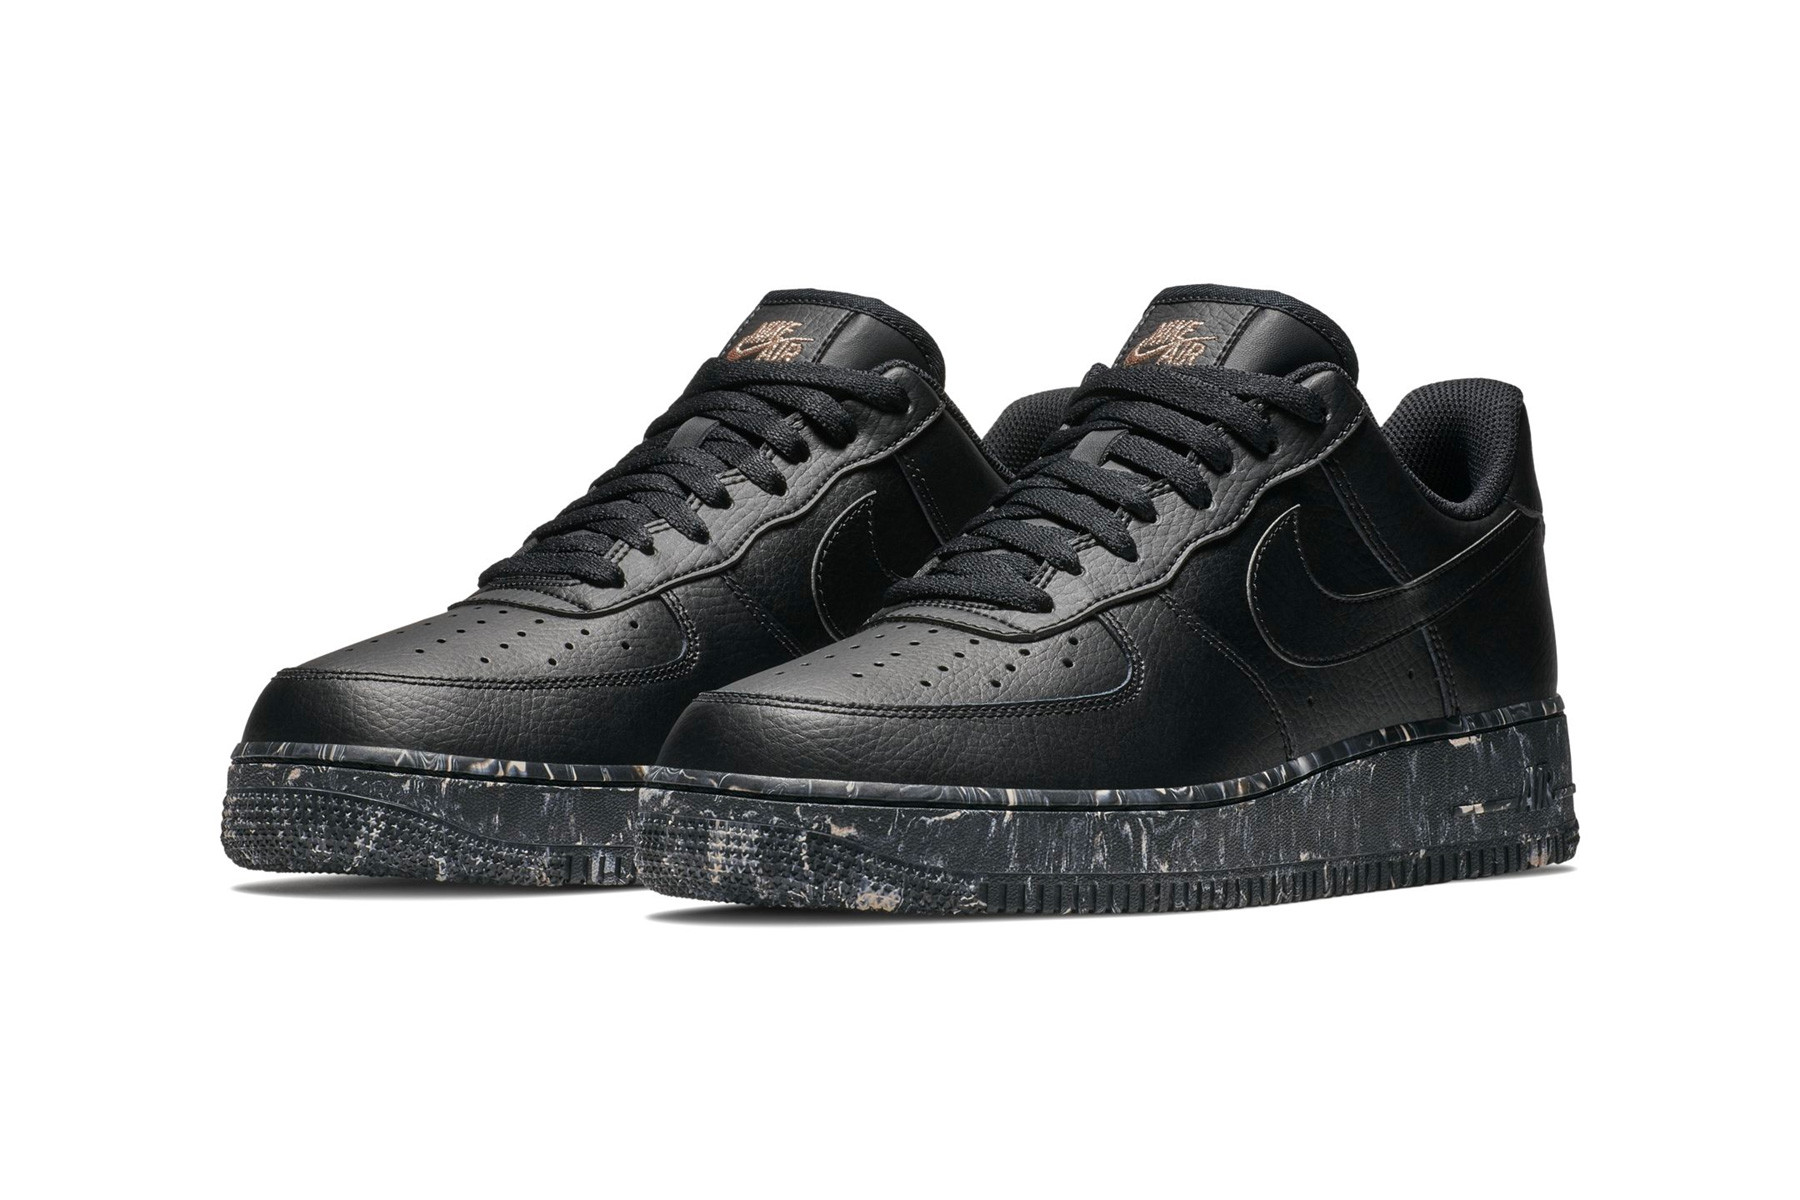 Nike Air Force 1 Low Black Marble Print